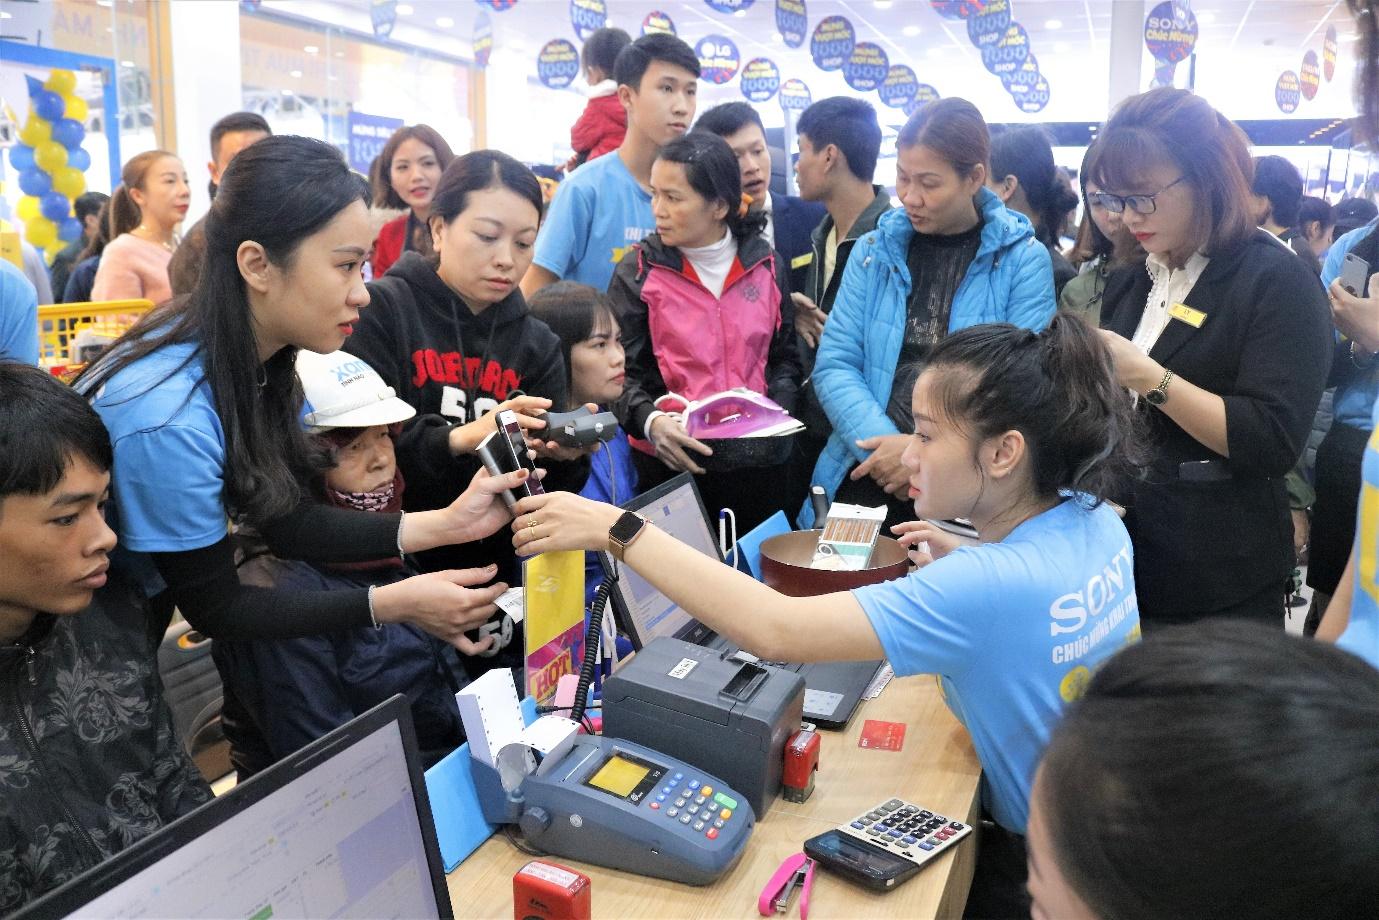 'Chiều khách' như Thế Giới Di Động, nhân viên bán hàng hỗ trợ luôn thủ tục trả góp - Ảnh 2.